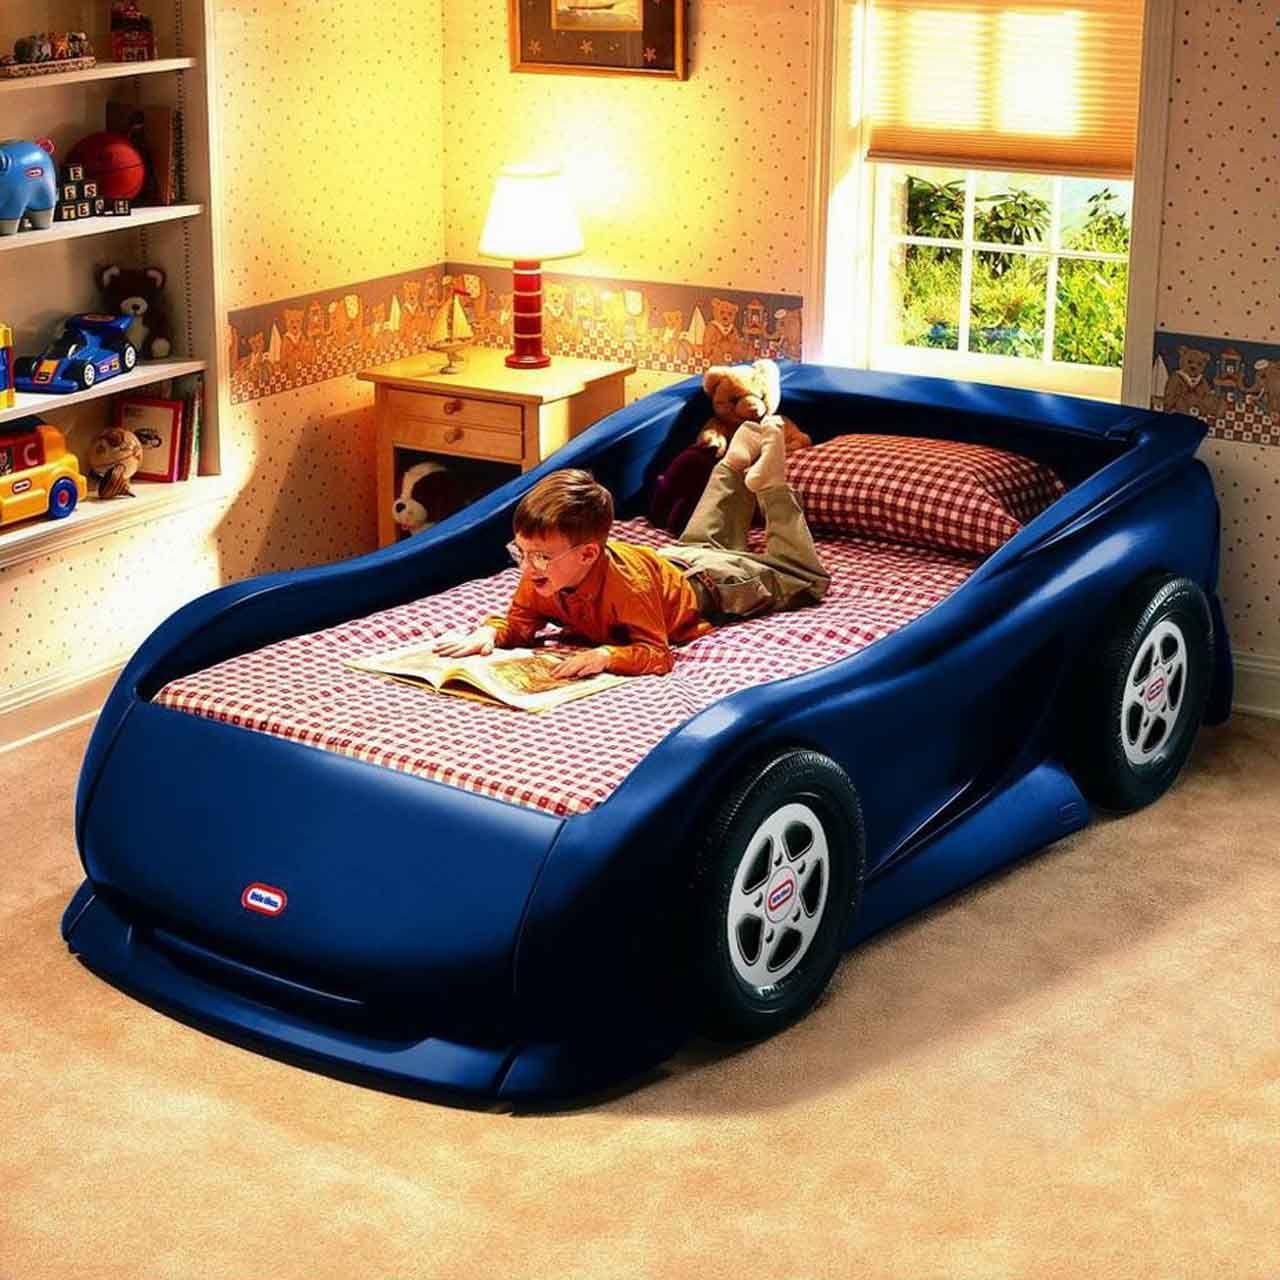 Car beds for kids boys bedroom furniture